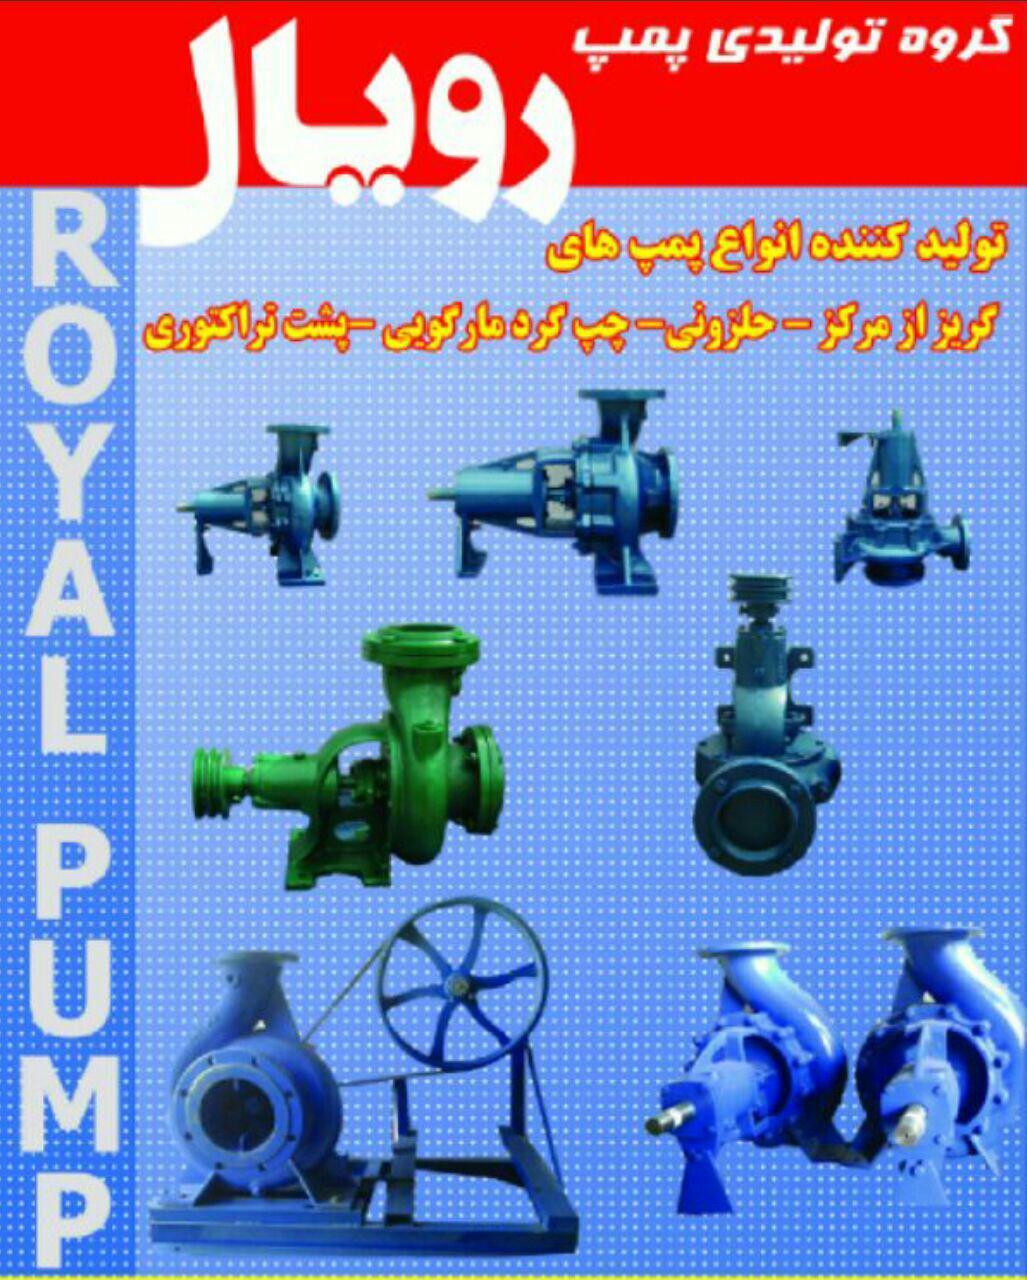 پمپ اصفهان رویال